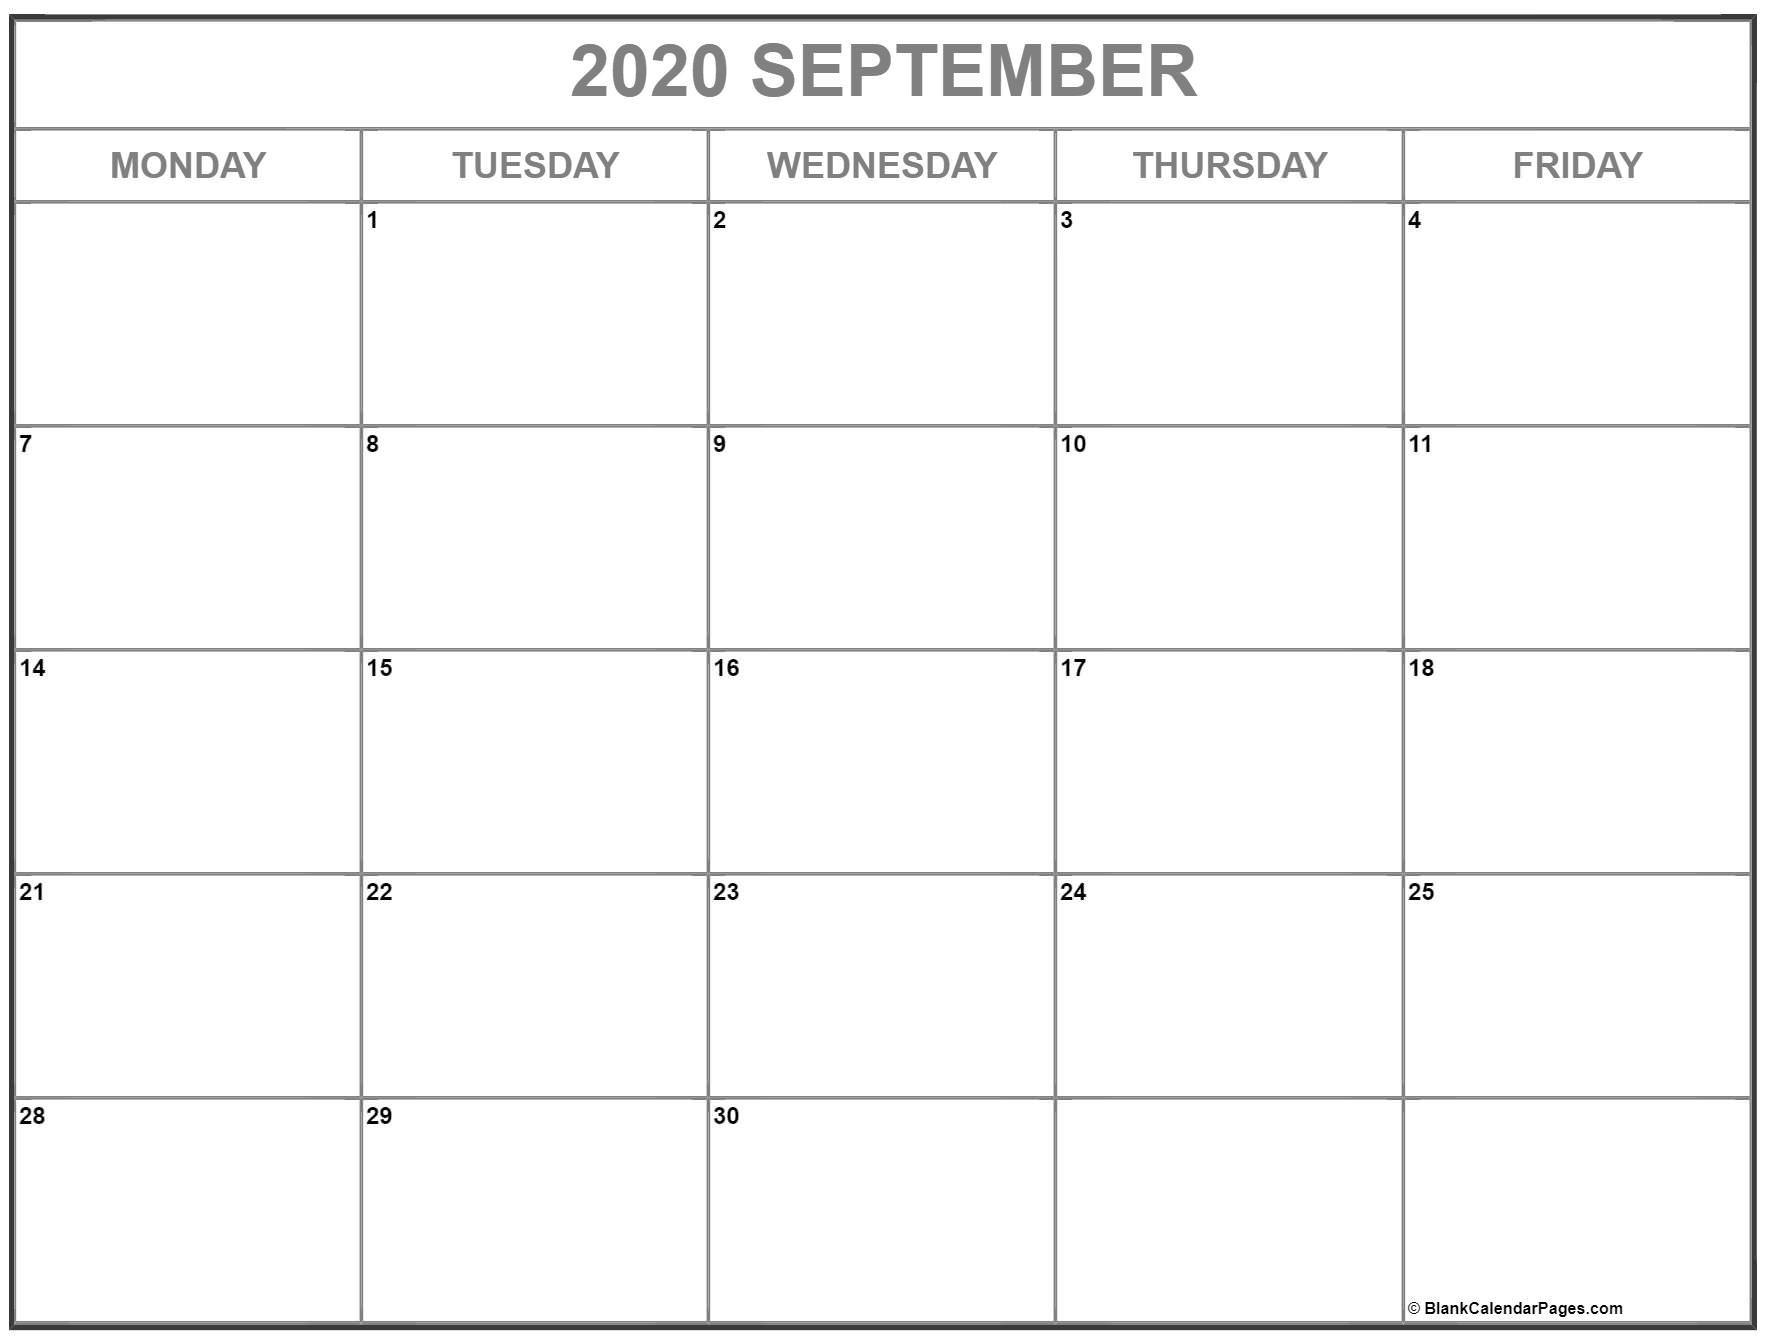 September 2020 Monday Calendar | Monday To Sunday Monday Through Friday Calendar